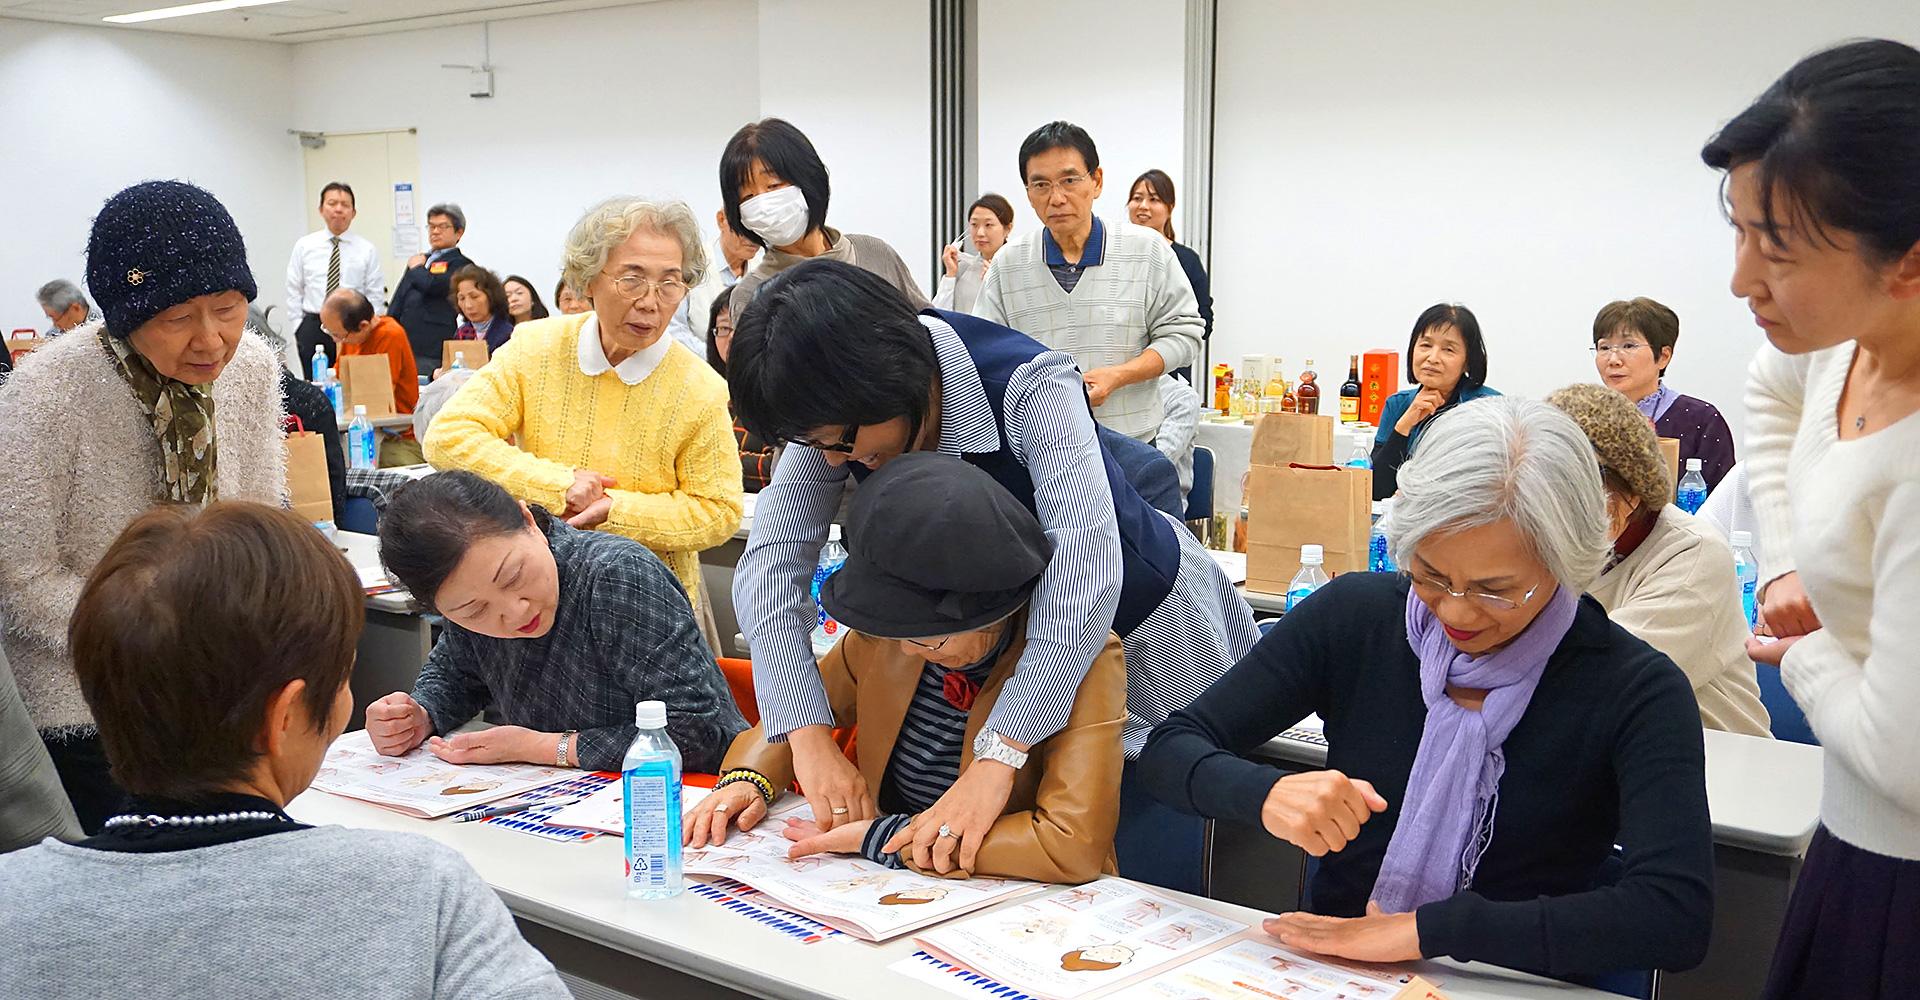 『養命酒だより』健康セミナー2016 in 神戸一覧画像